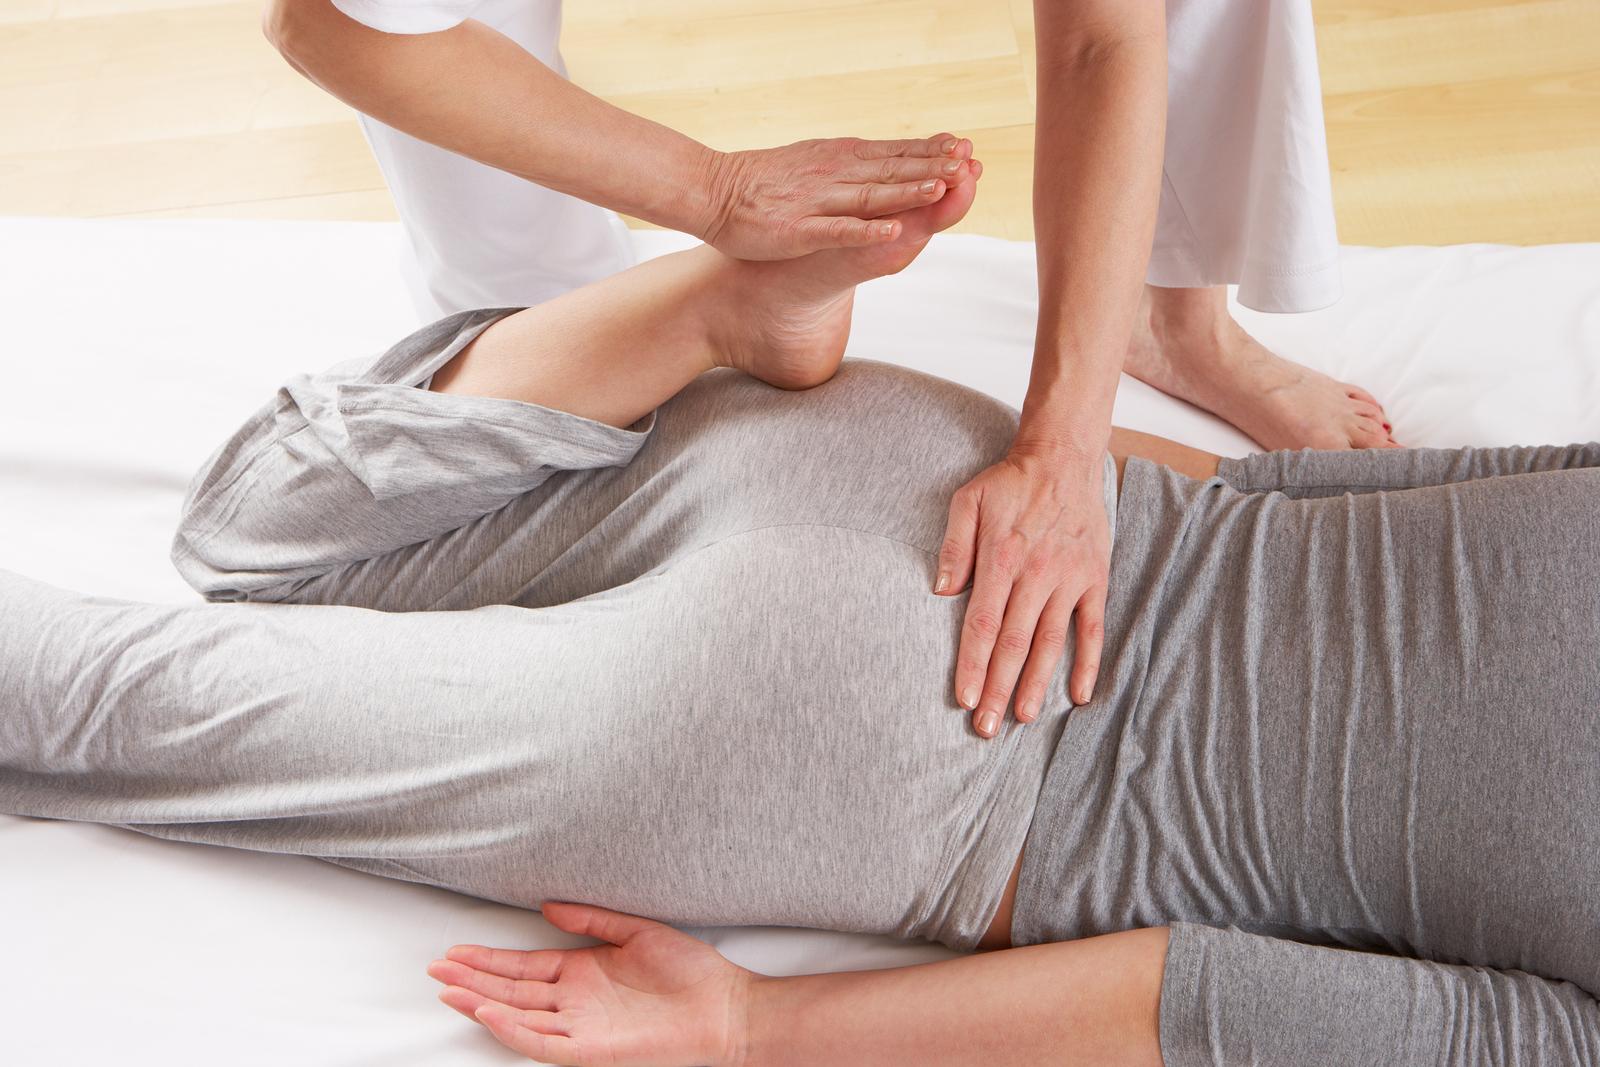 massage tipps online prostituierte